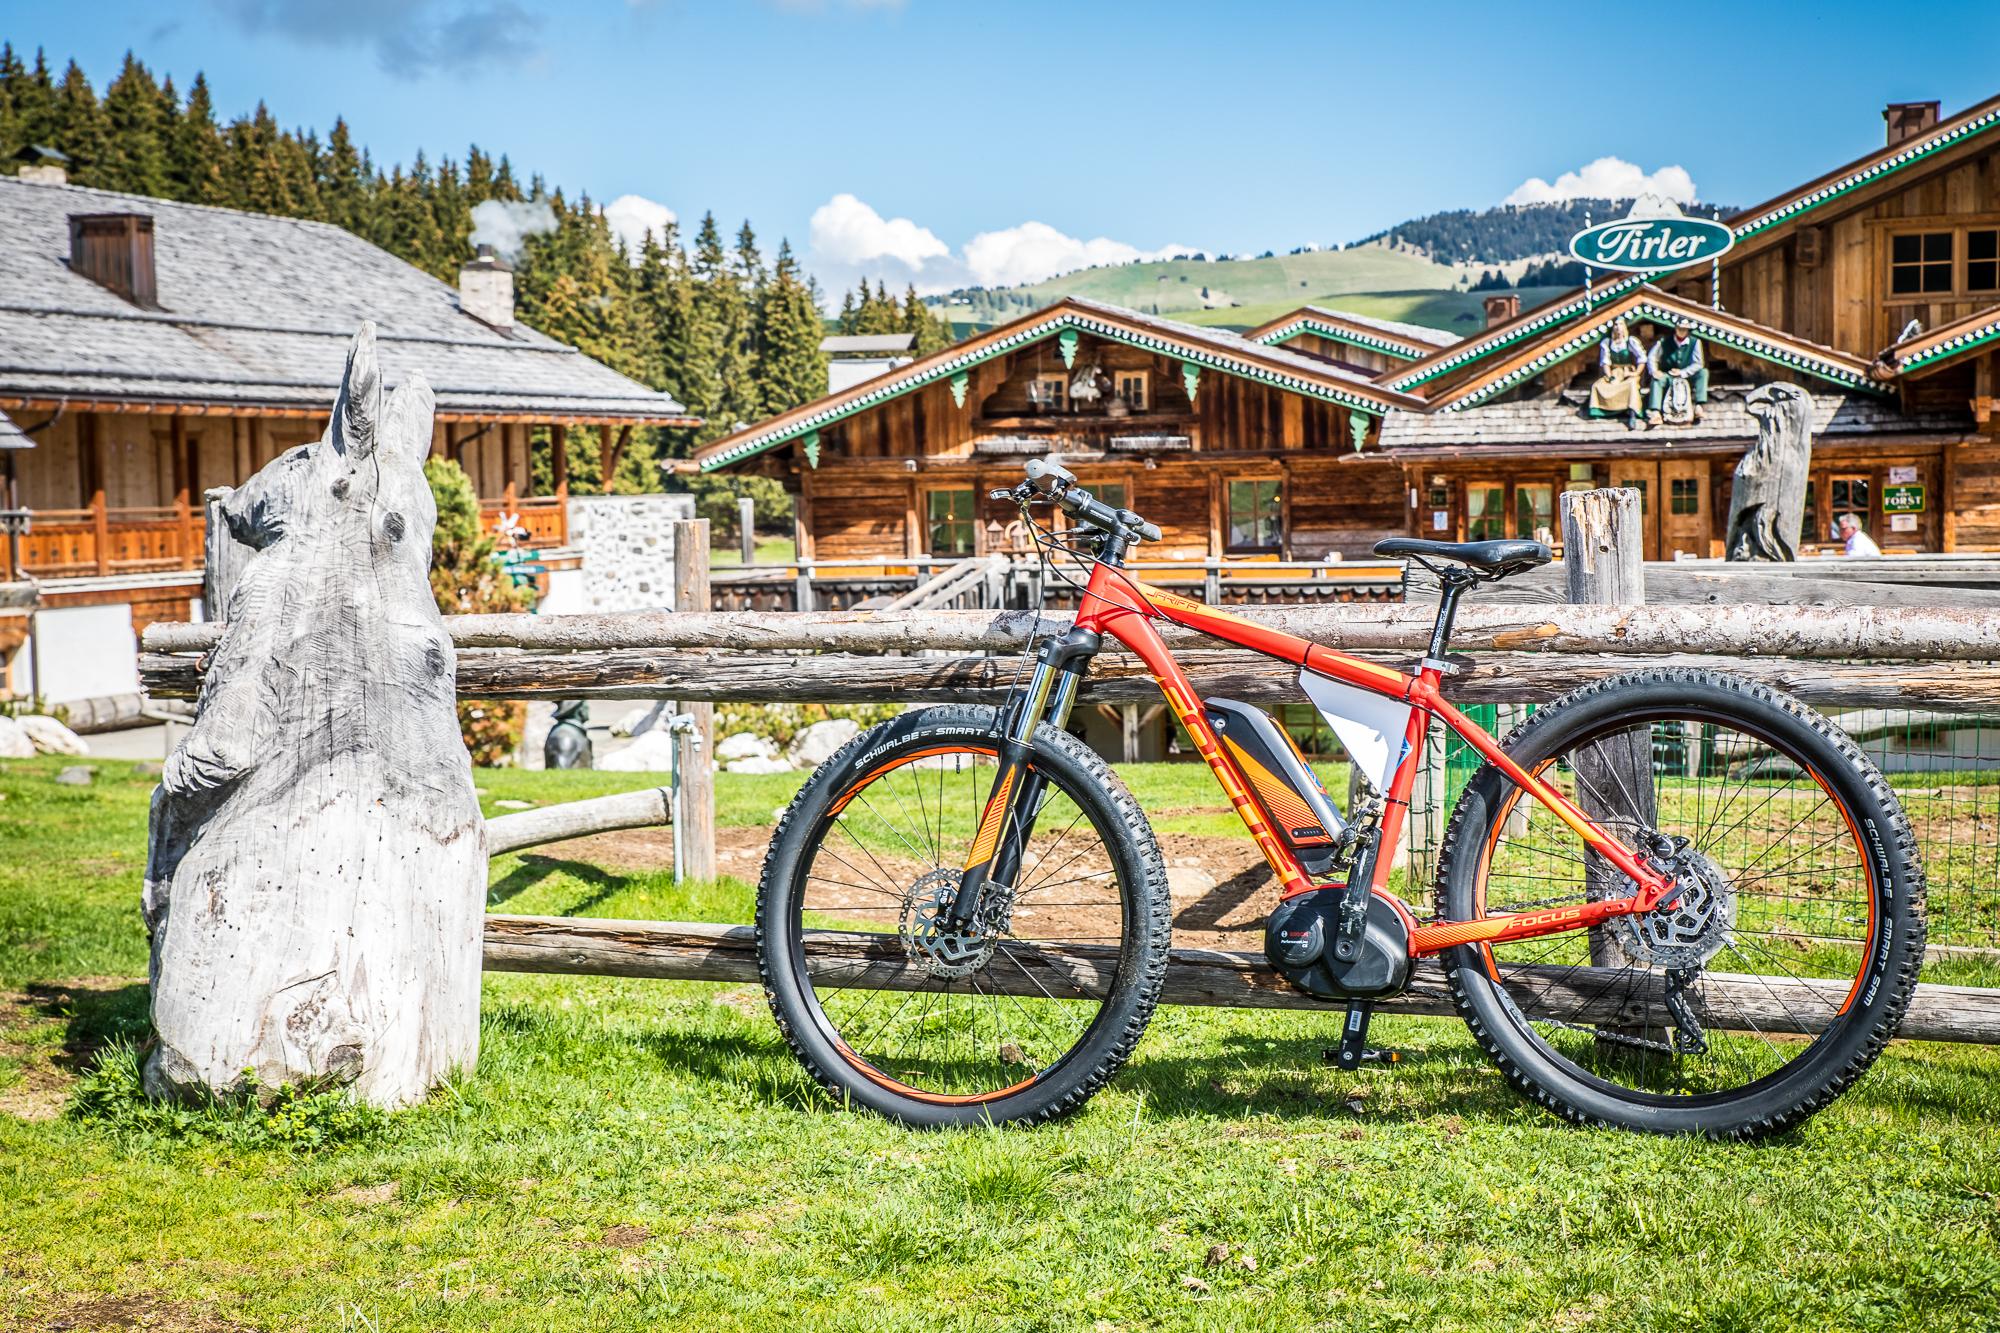 mountainbiken_auf_der_seiser_alm_tirler-dolomites_living_hotel